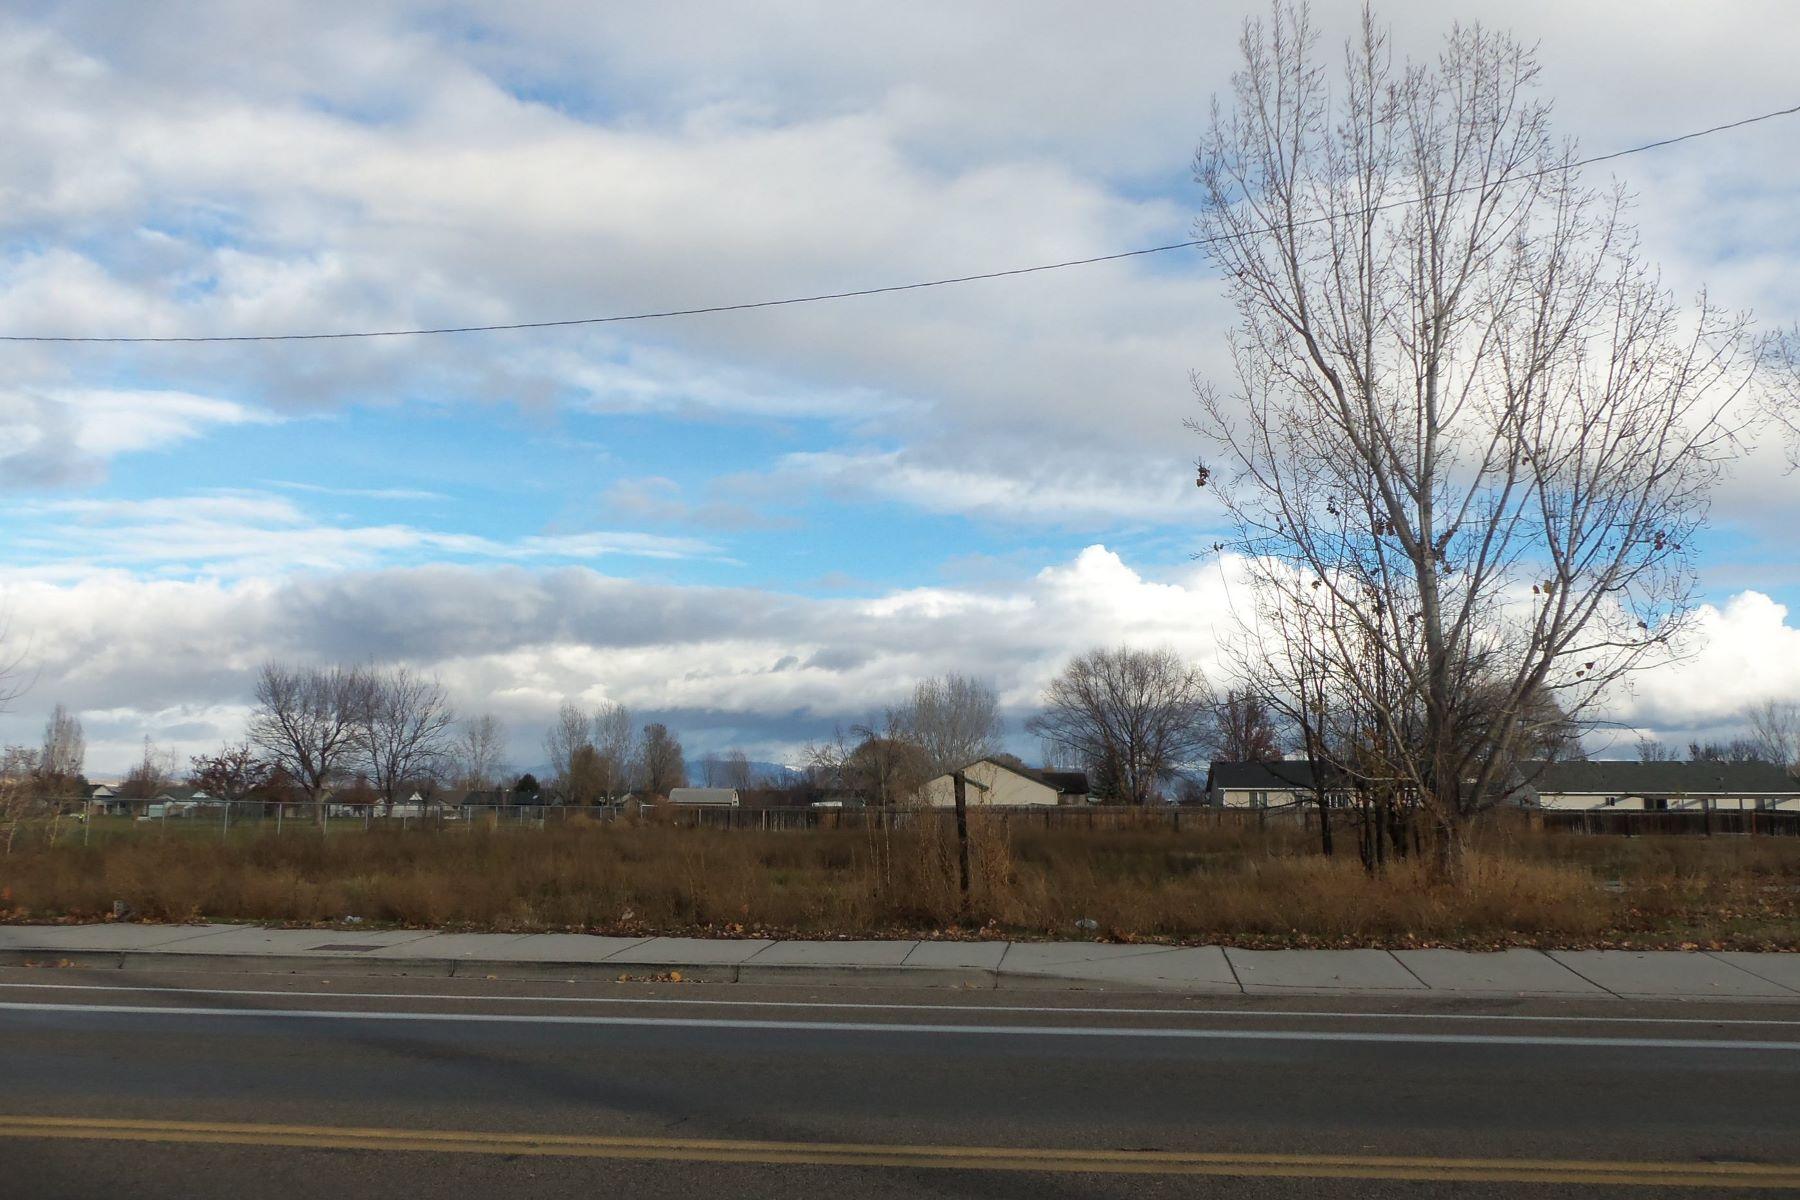 Terreno por un Venta en 594 Star Road, Star 594 N Star Rd Star, Idaho, 83669 Estados Unidos